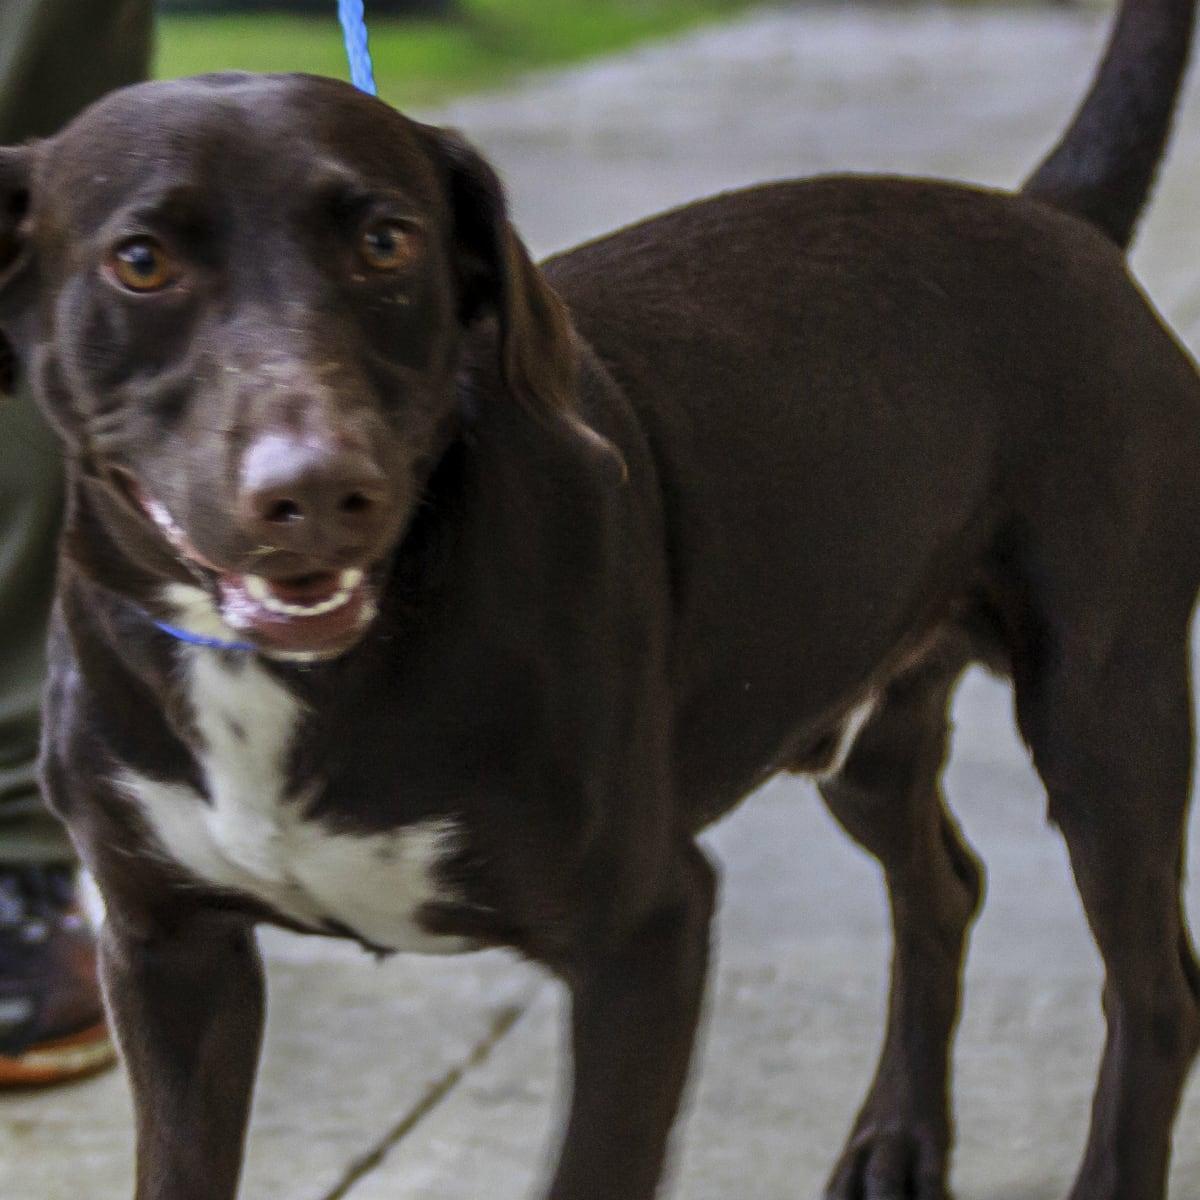 Houston - Hoffman - Pet of the Week - Choco